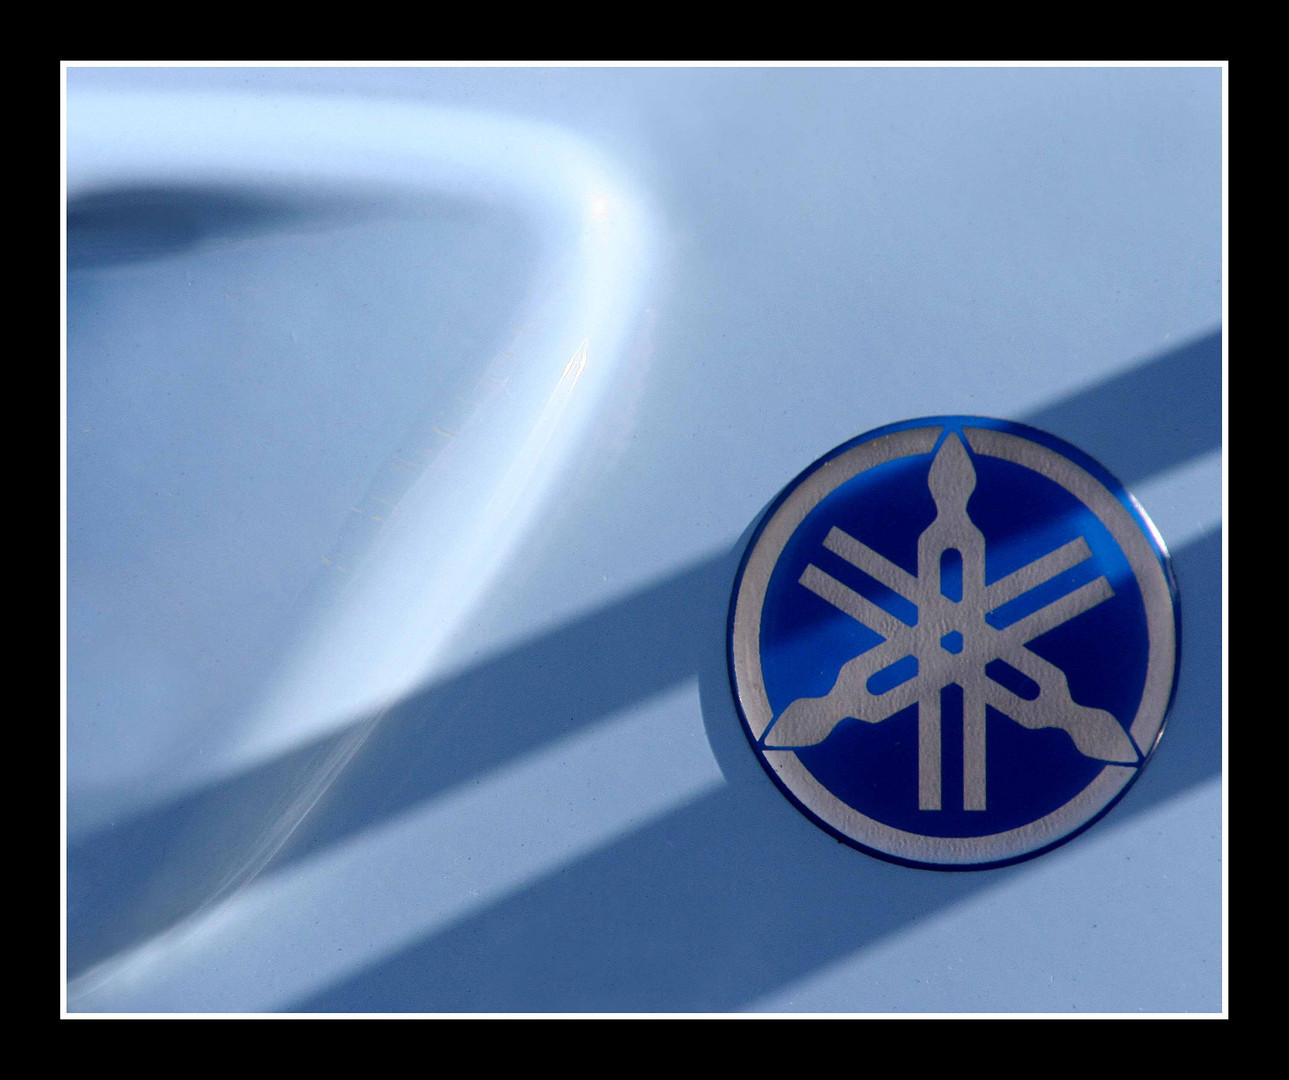 Yamaha on Fibreglass.